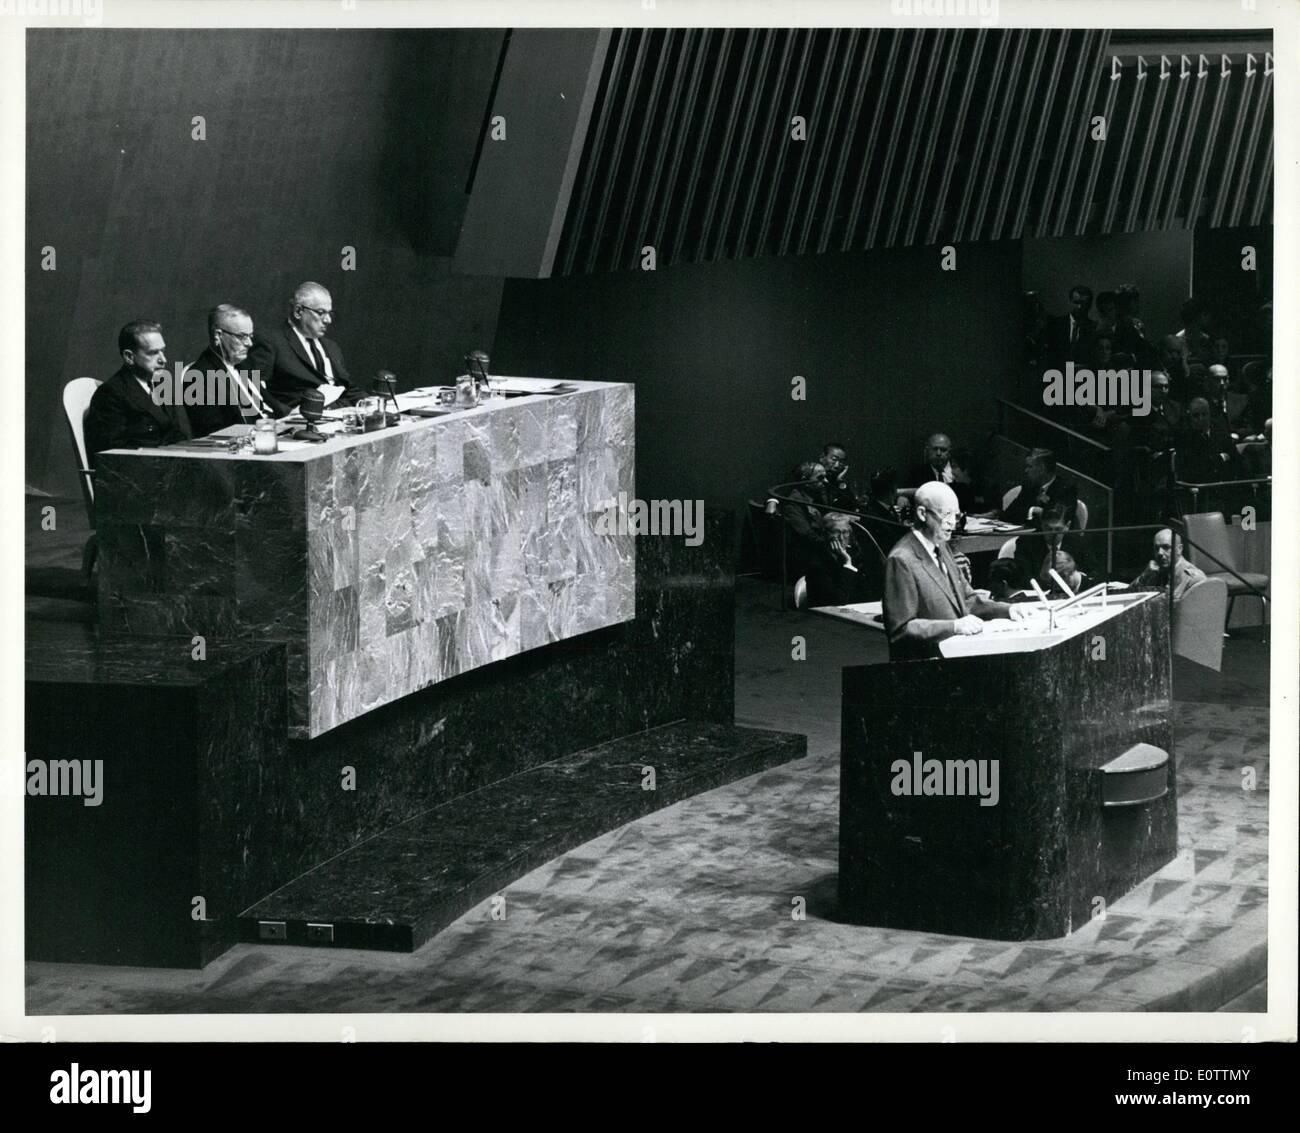 c77b5837b2 09, 1960 - ASSEMBLEA GENERALE DELLE NAZIONI UNITE inizia Debats generale:  l'Assemblea Generale, che ha aperto la sua quindicesima sessione regolare  prima ...